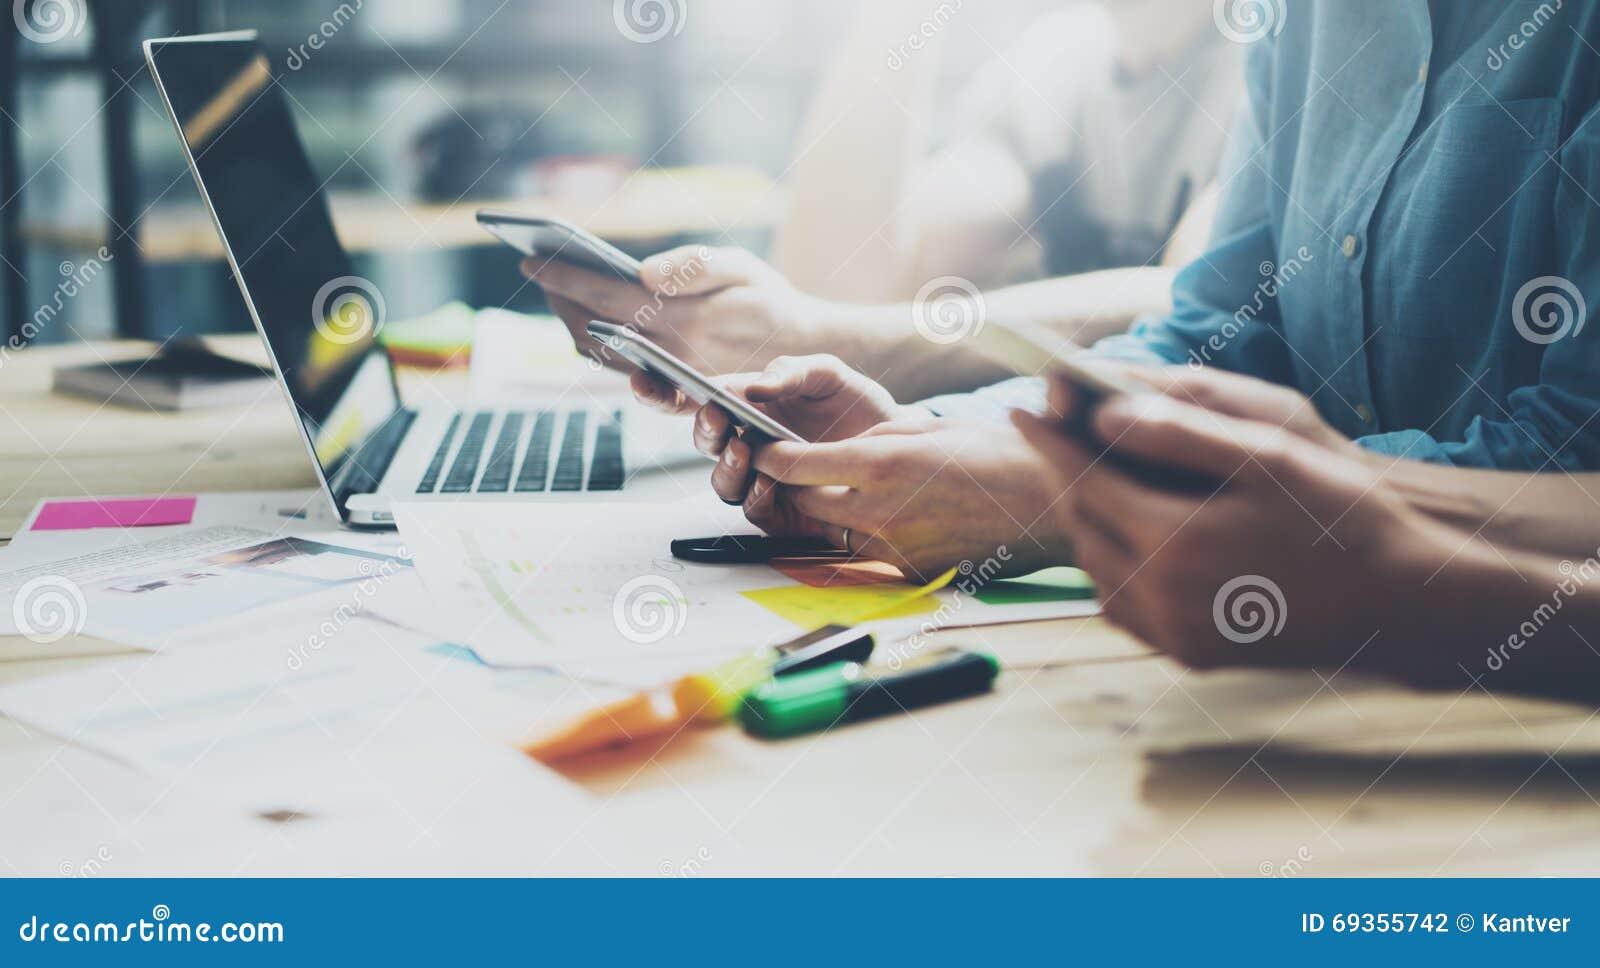 队coworking的过程 照片年轻企业乘员组与新的起始的项目一起使用 在木桌上的笔记本 使用现代